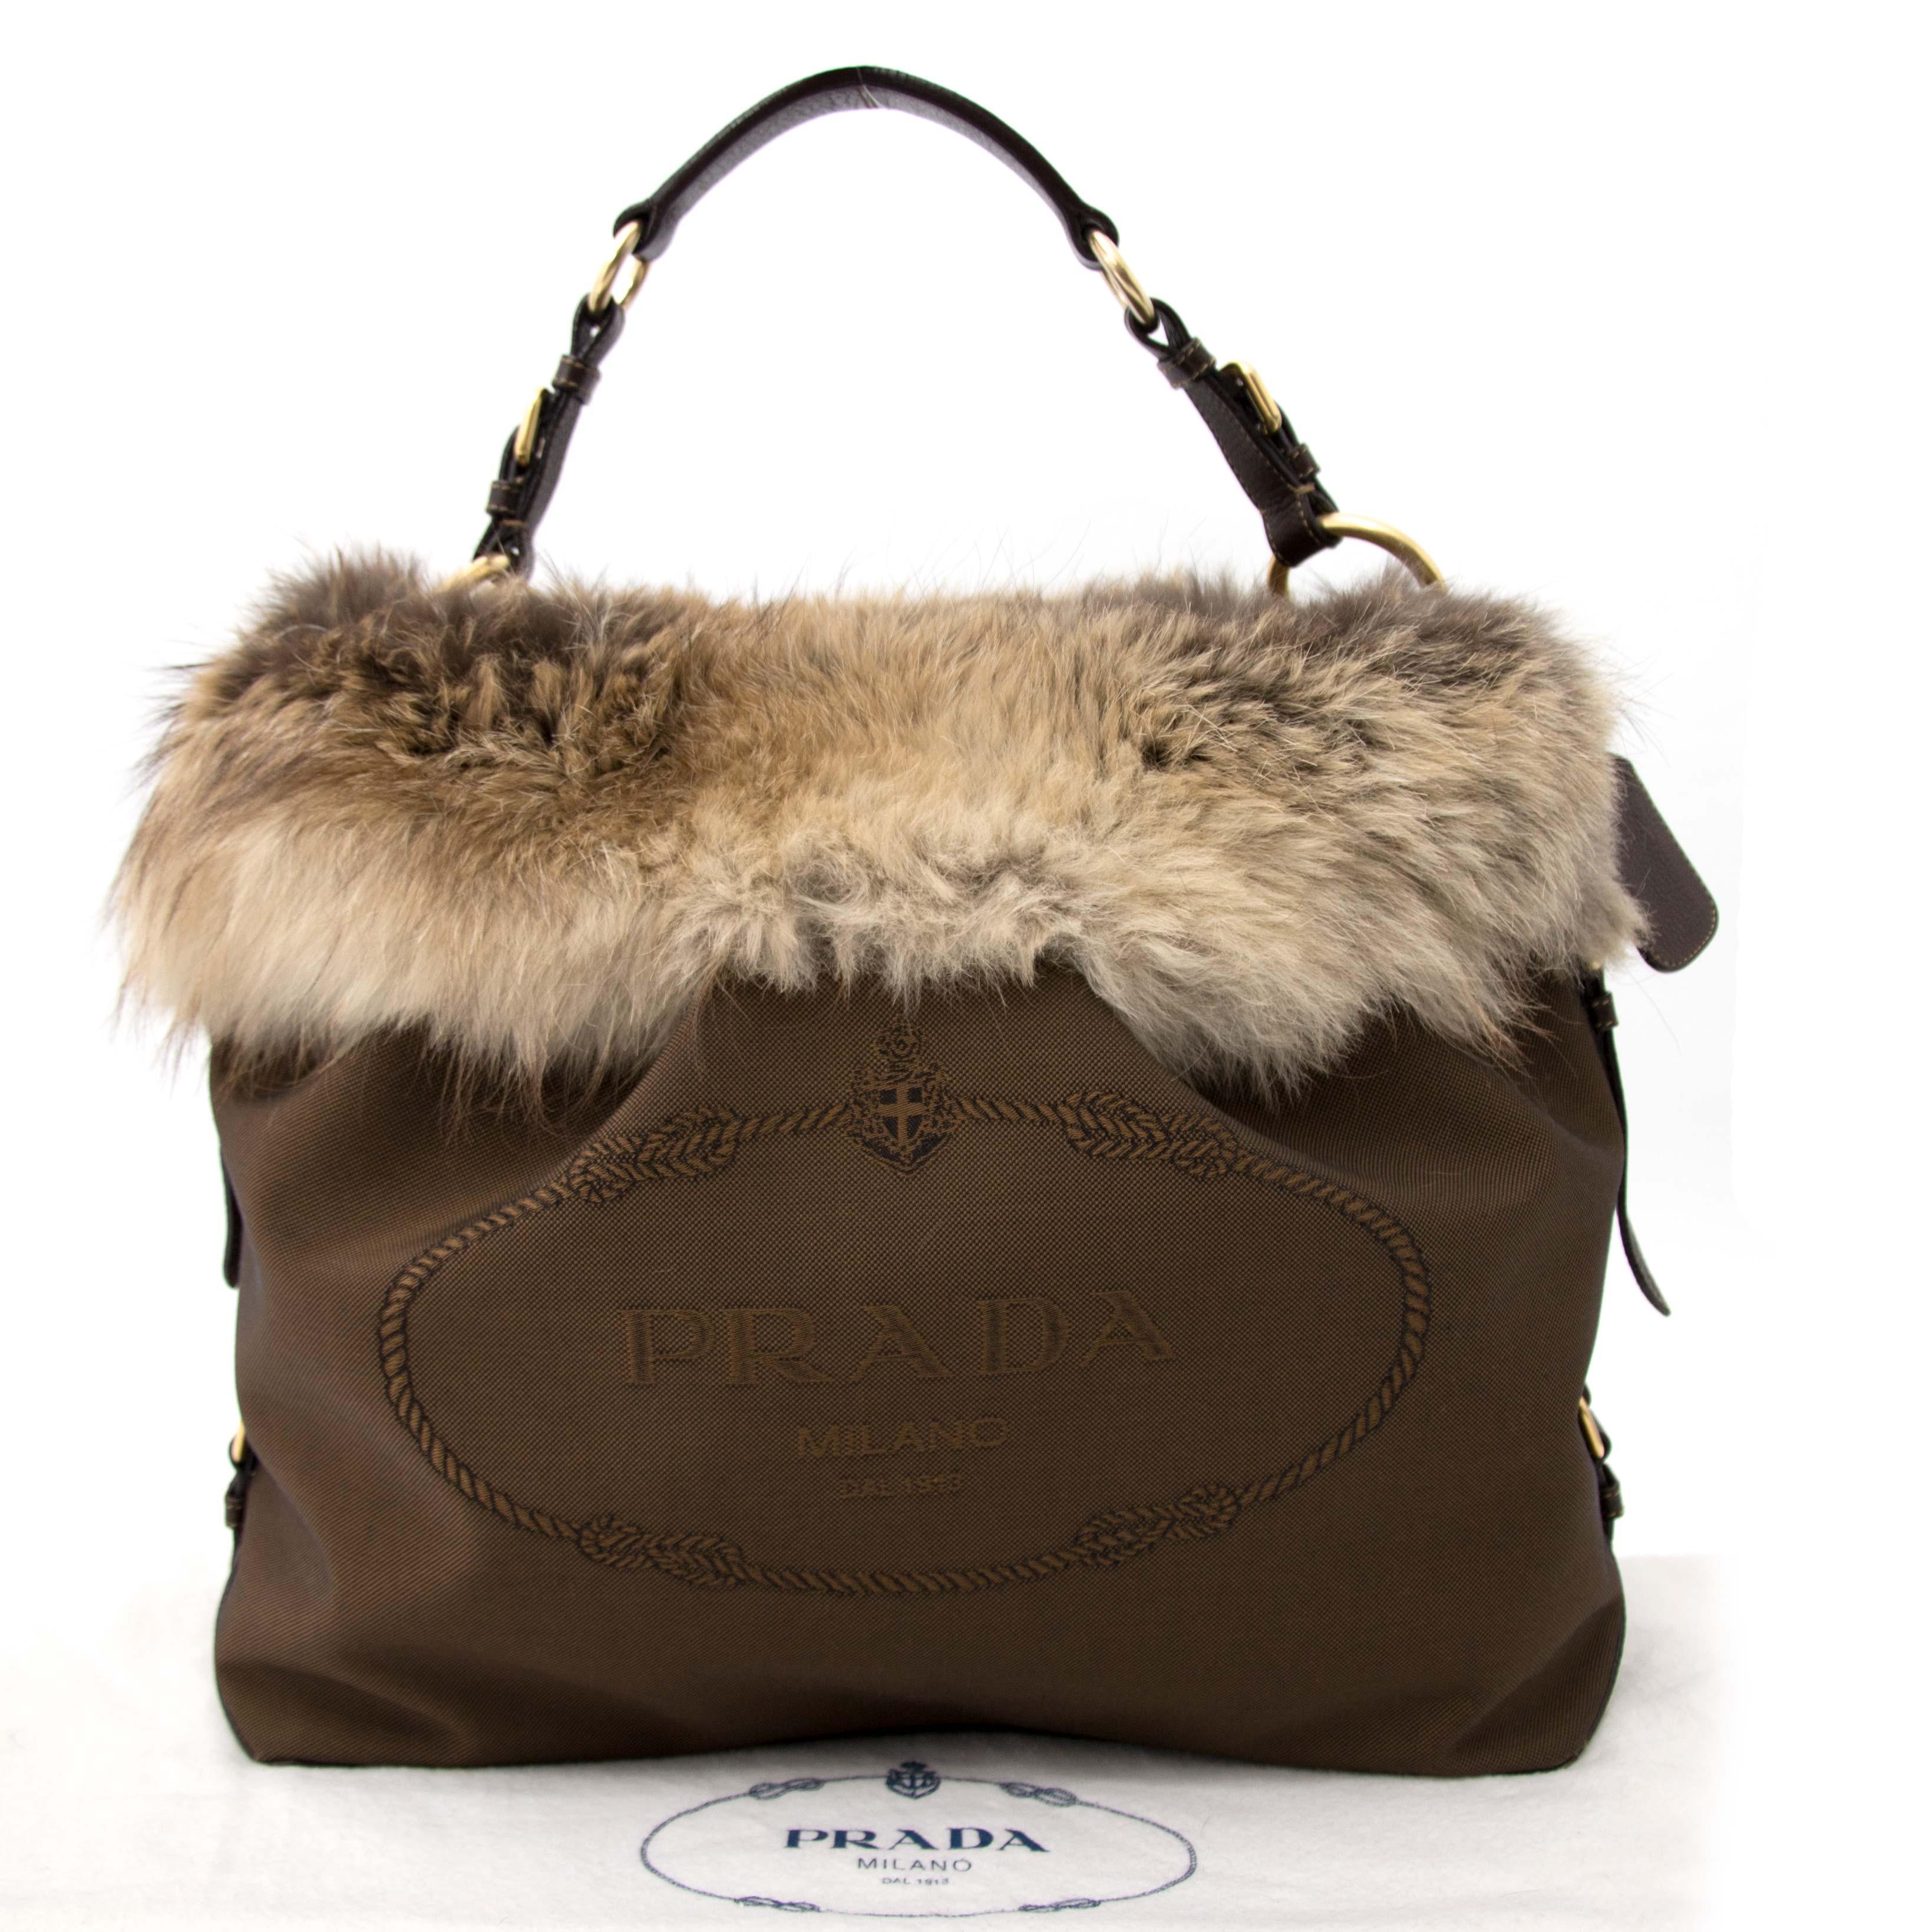 Koop en verkoop uw authentieke Prada Brown Fabric and Fur tas aan de beste prijs